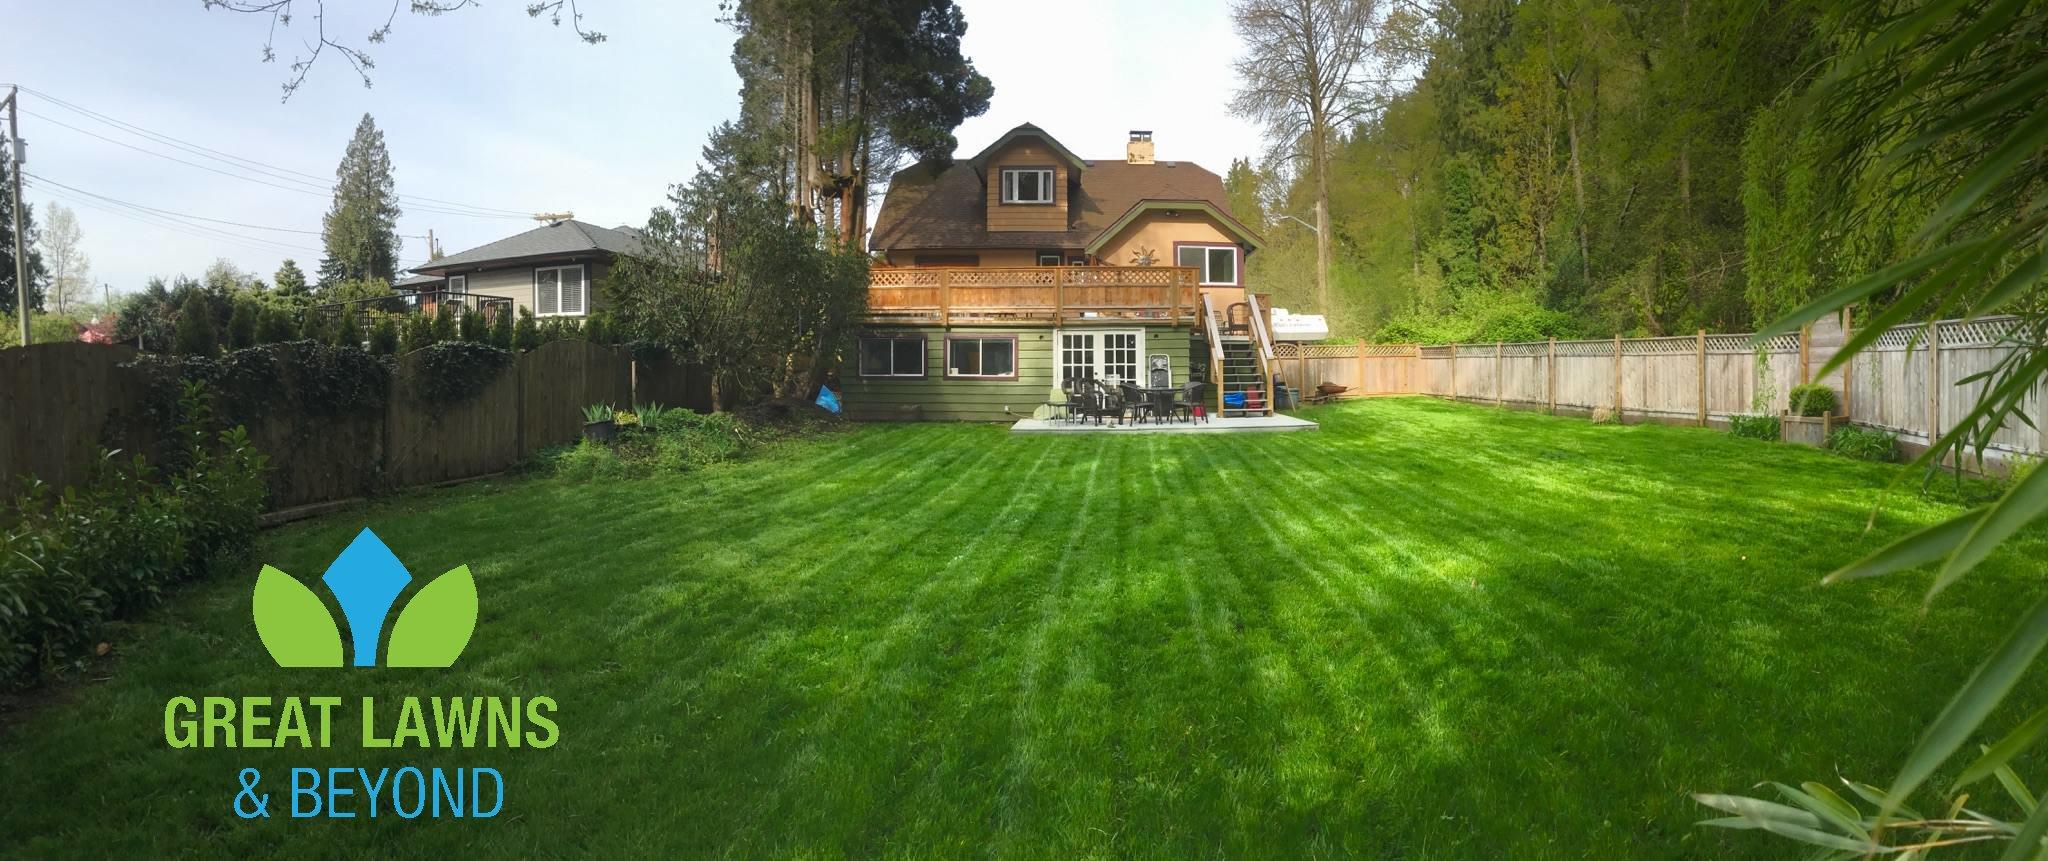 Great Lawns & Beyond